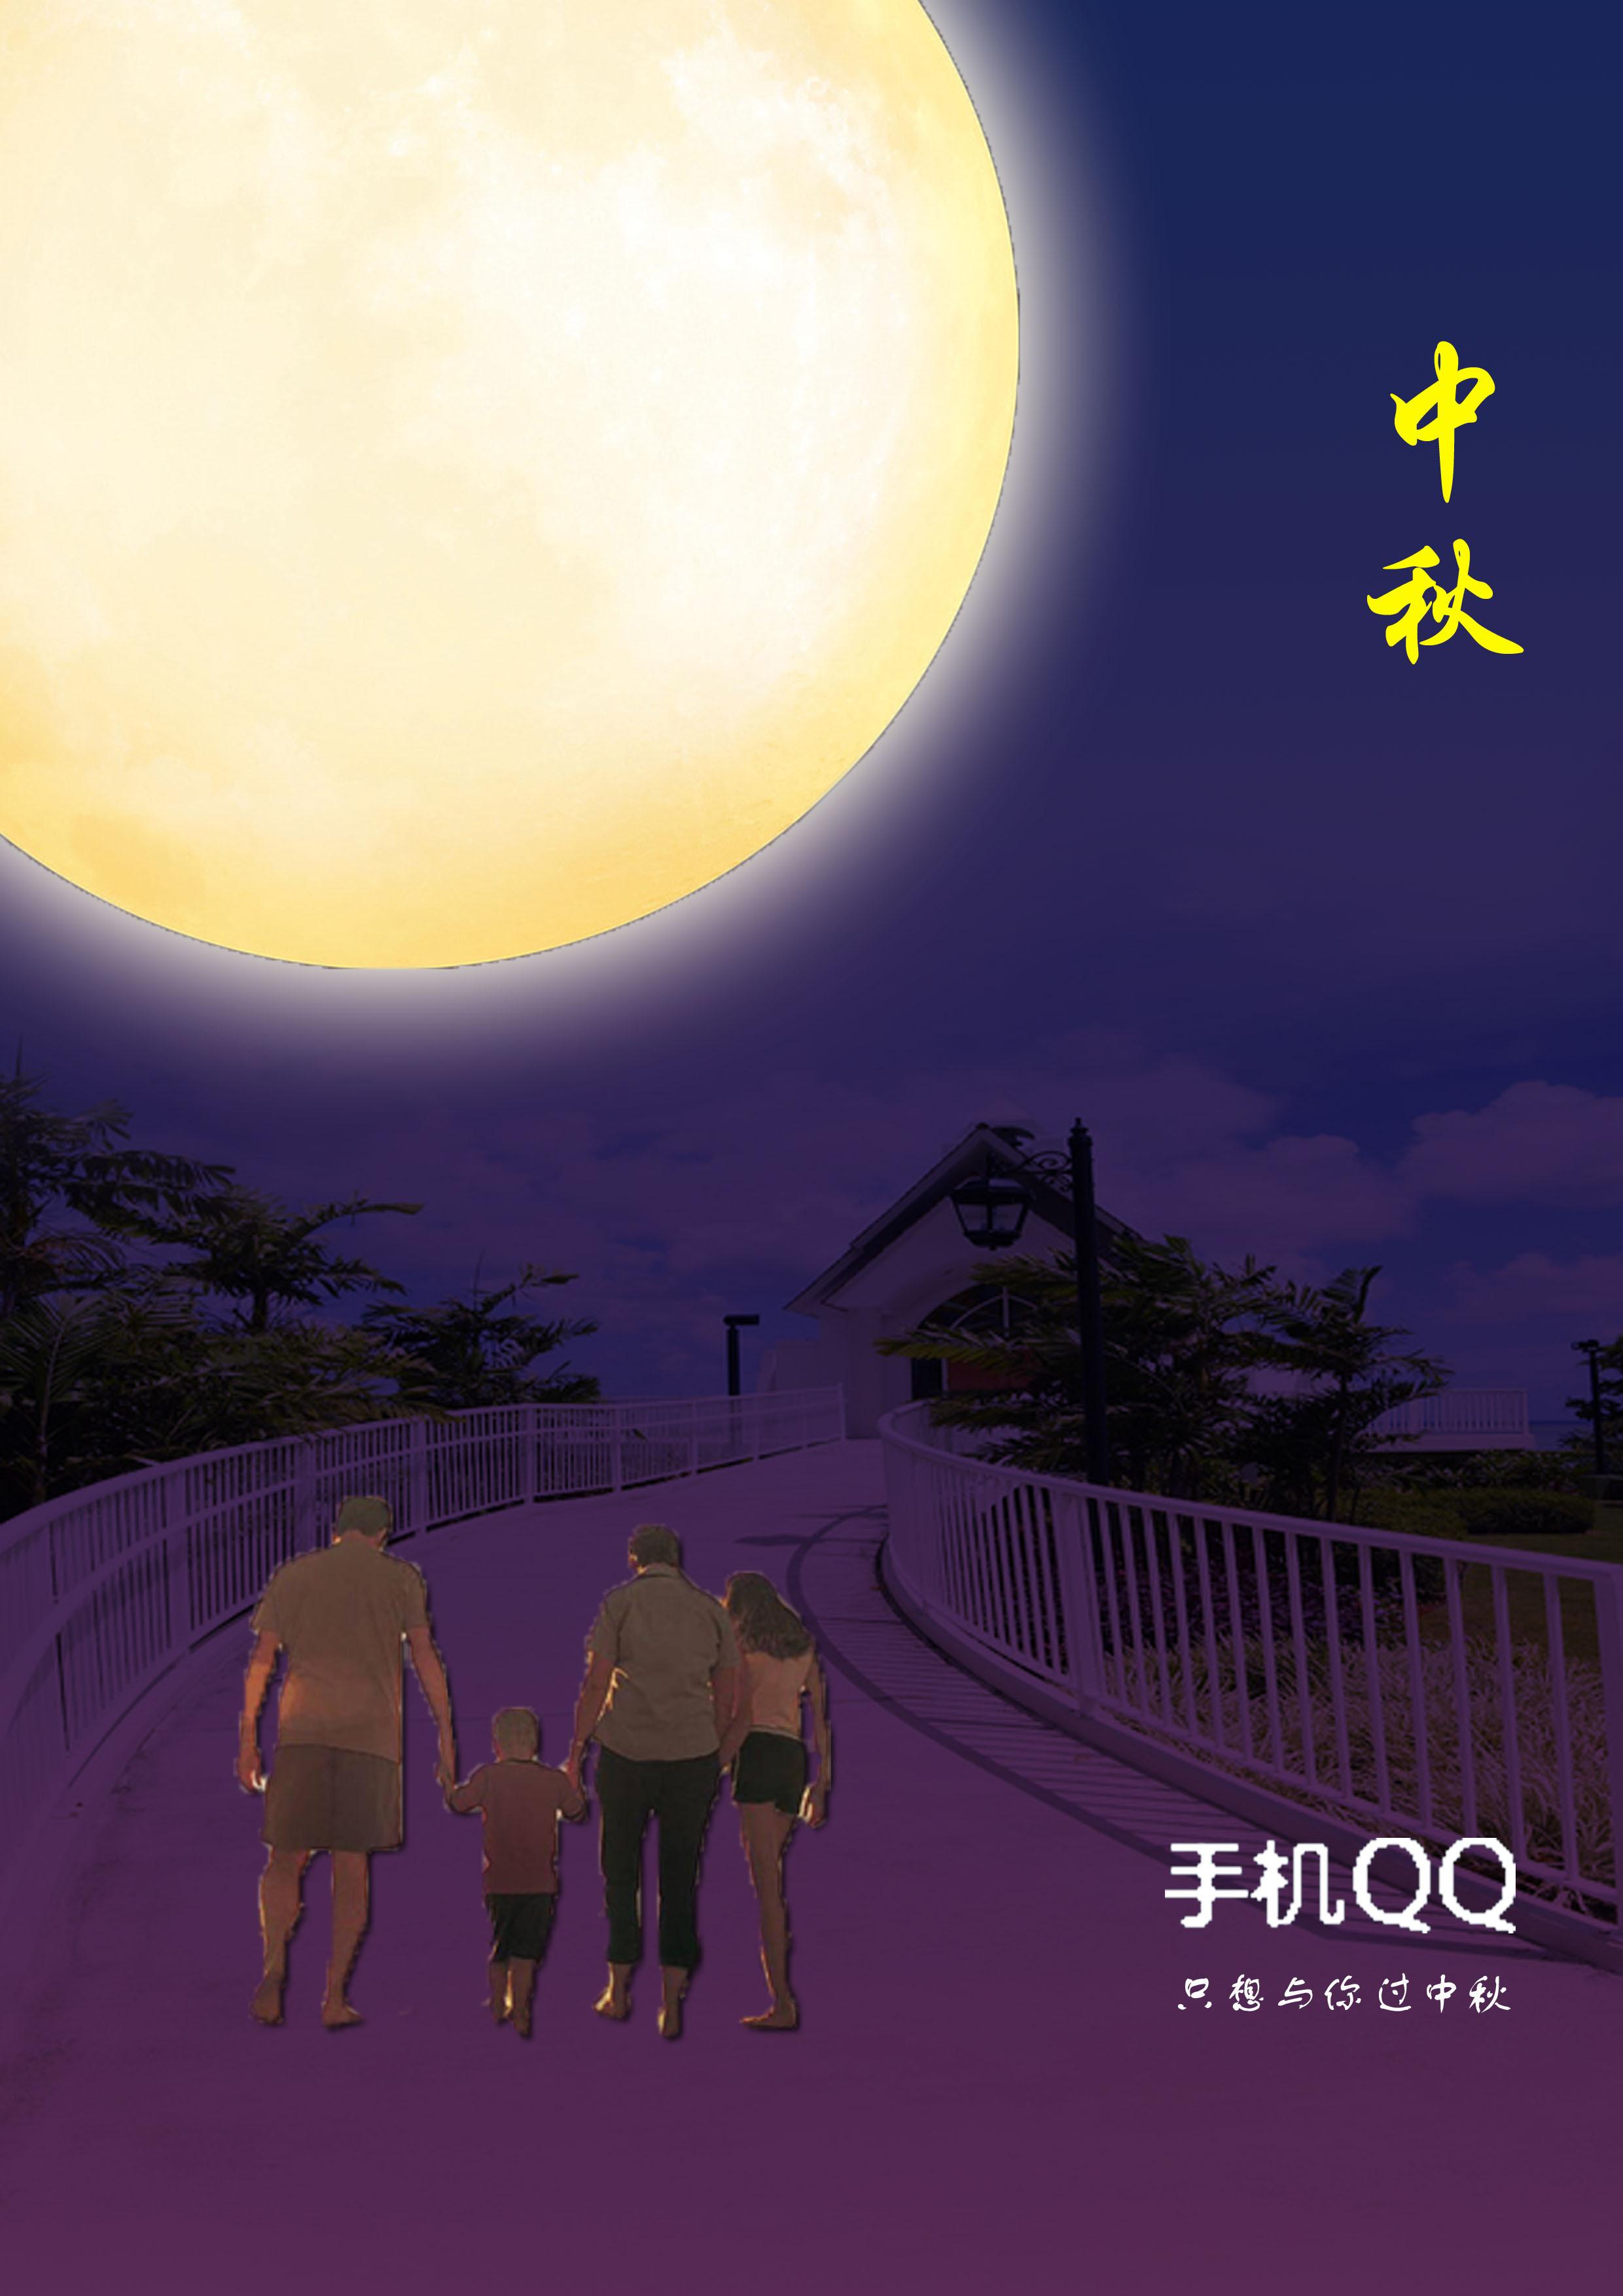 中秋节 平面 海报 徐哒哒1125 - 原创作品 - 站酷图片